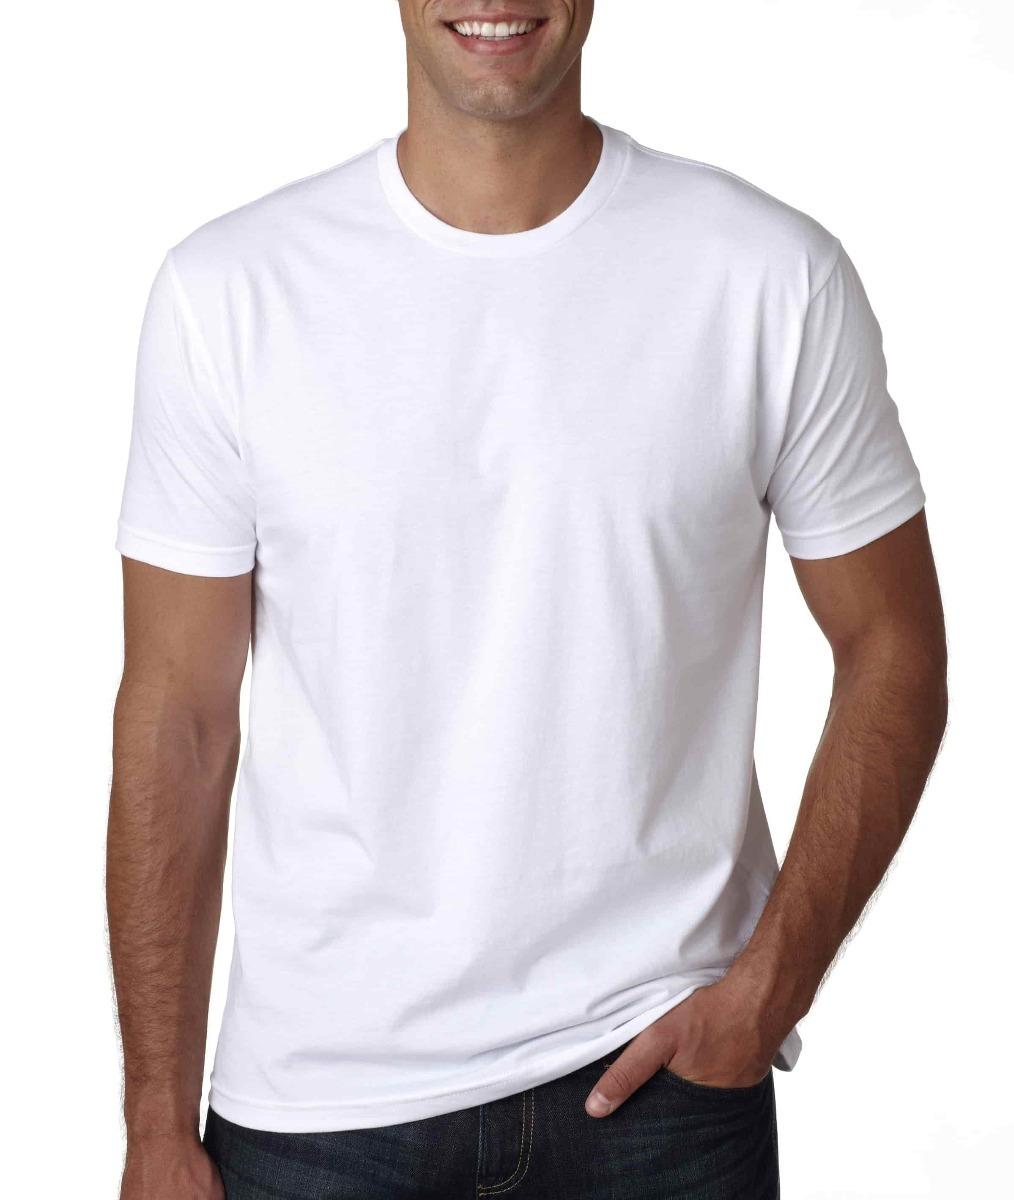 Kit 10 Camiseta Lisa Poliéster Camisa Sublimação Promoção - R  84 aa74104840c